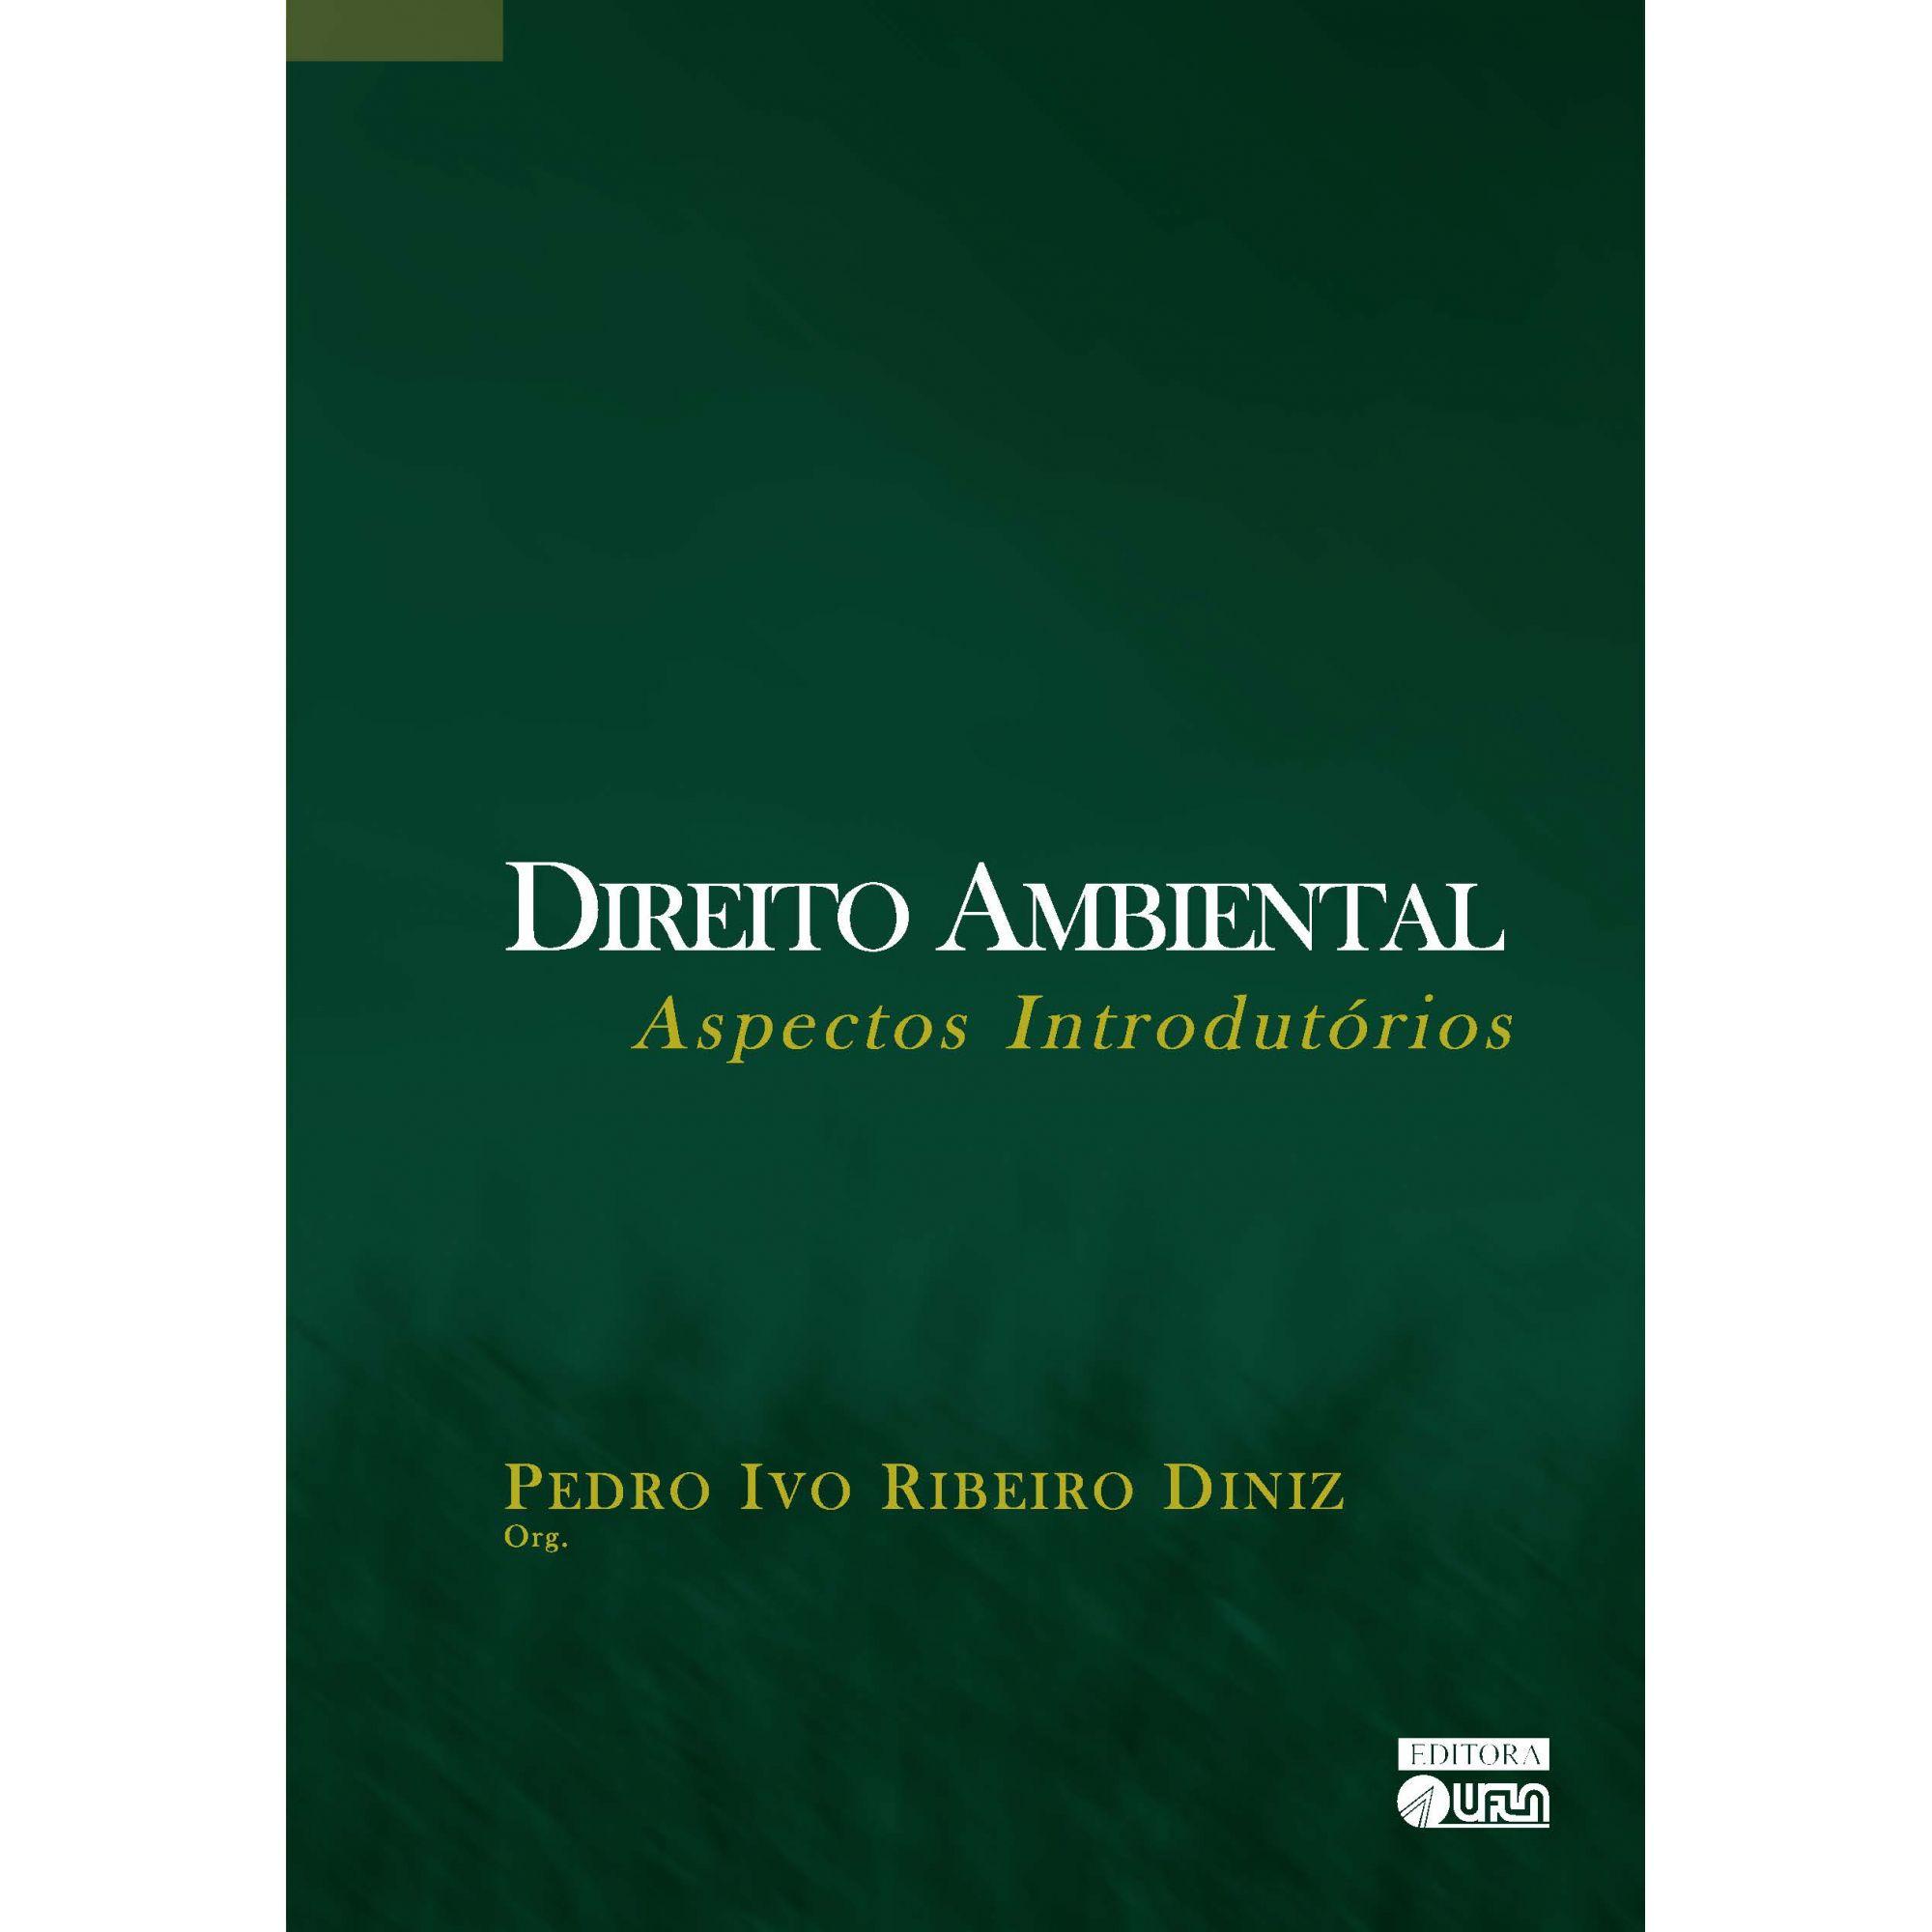 Direito Ambiental - Aspectos Introdutórios